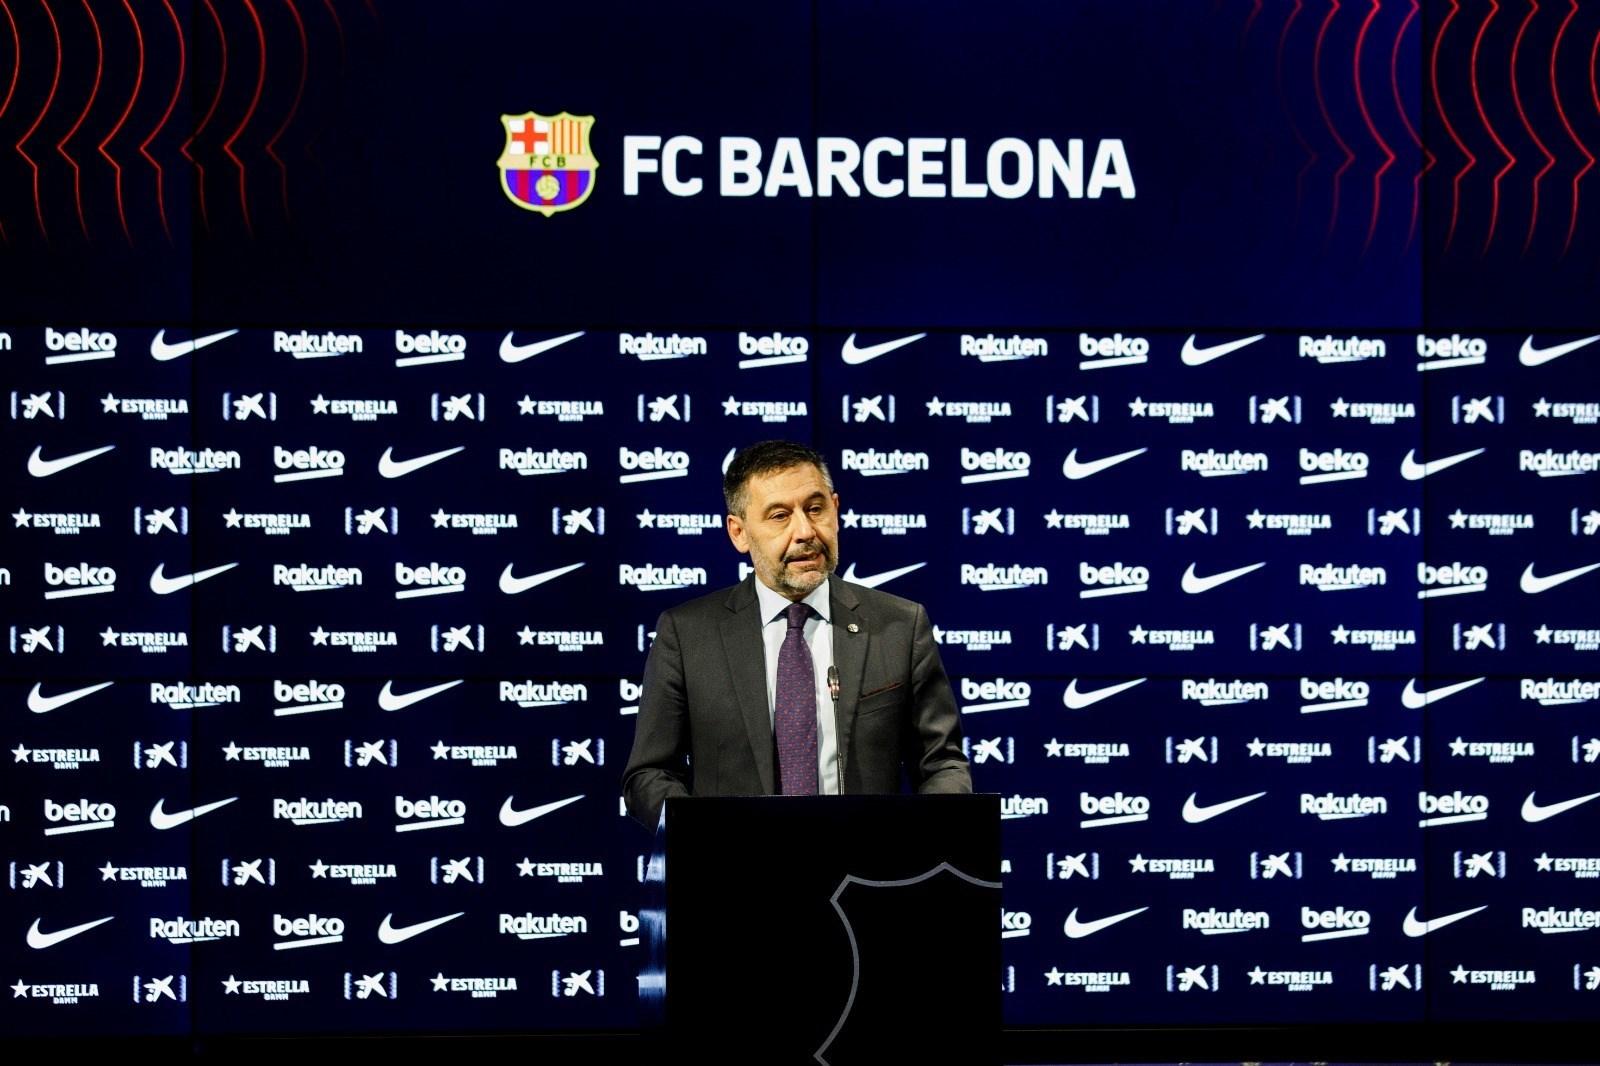 رئيس برشلونة في المؤتمر الصحافي